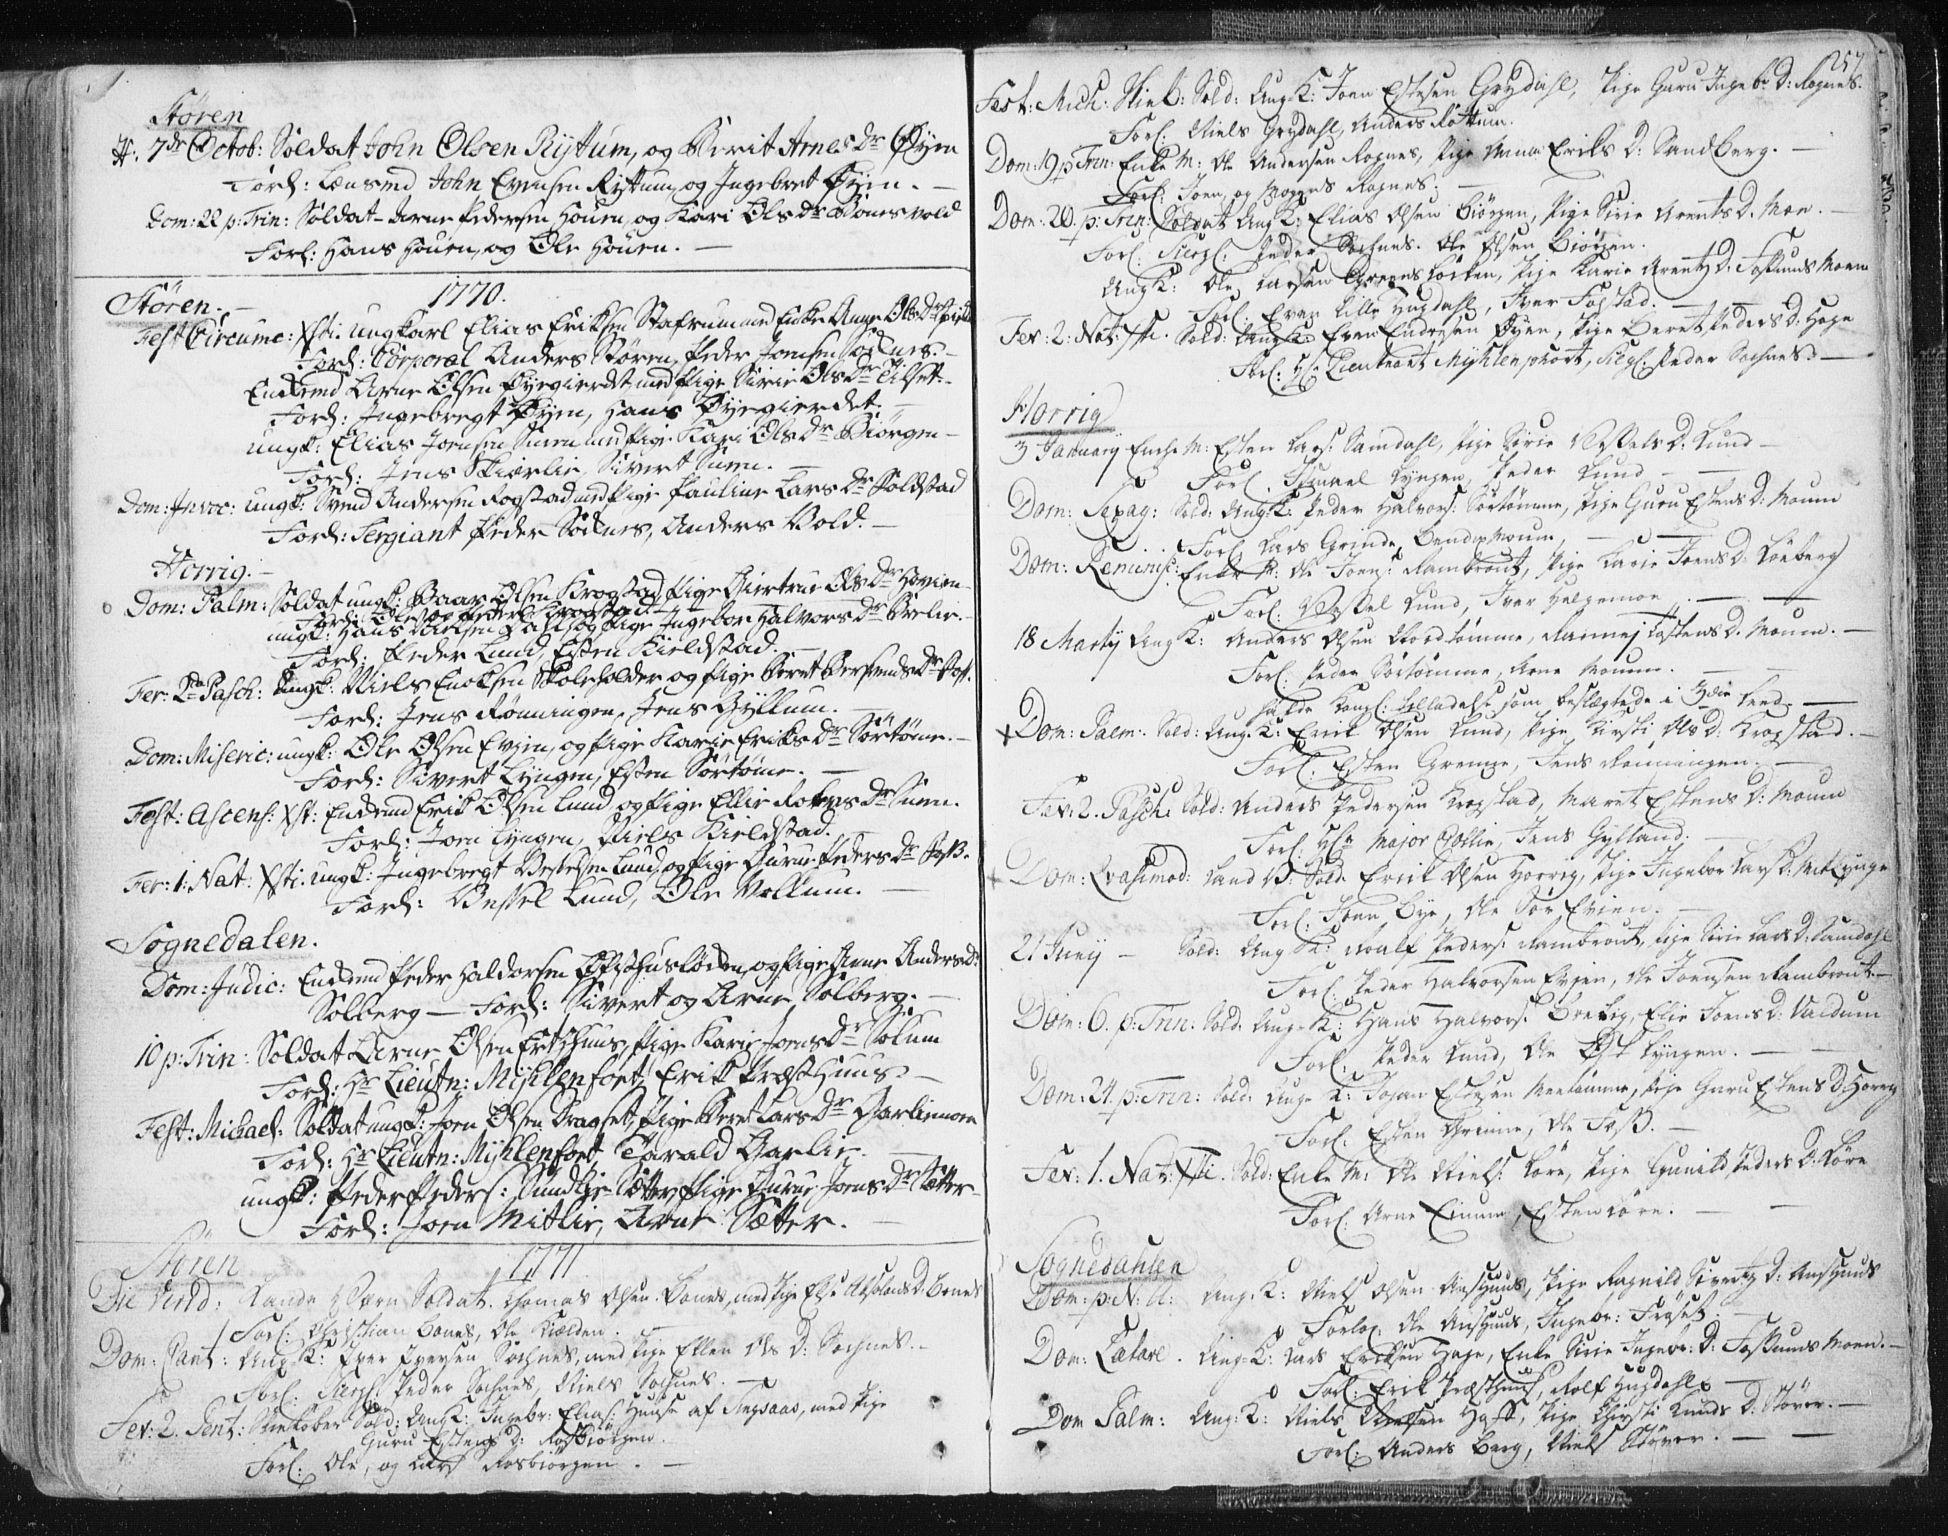 SAT, Ministerialprotokoller, klokkerbøker og fødselsregistre - Sør-Trøndelag, 687/L0991: Ministerialbok nr. 687A02, 1747-1790, s. 257